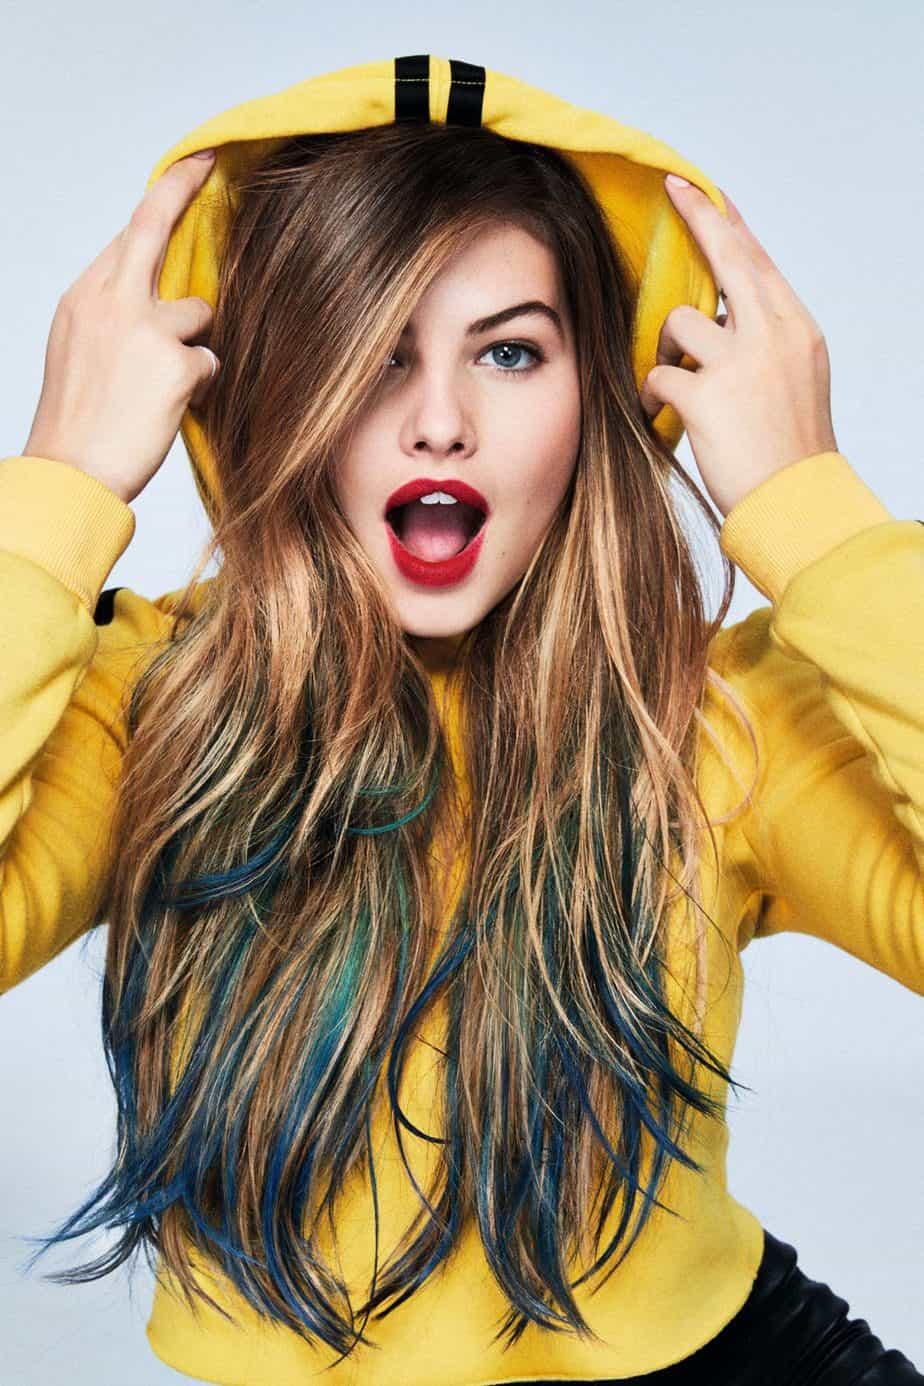 איפור לשיער ליום אחד, איפור שיער לפורים, COLORISTA Hair Makeup By L'OREAL PARIS, קולוריסטה ג'ל לשיער לוריאל פריז - 1 3